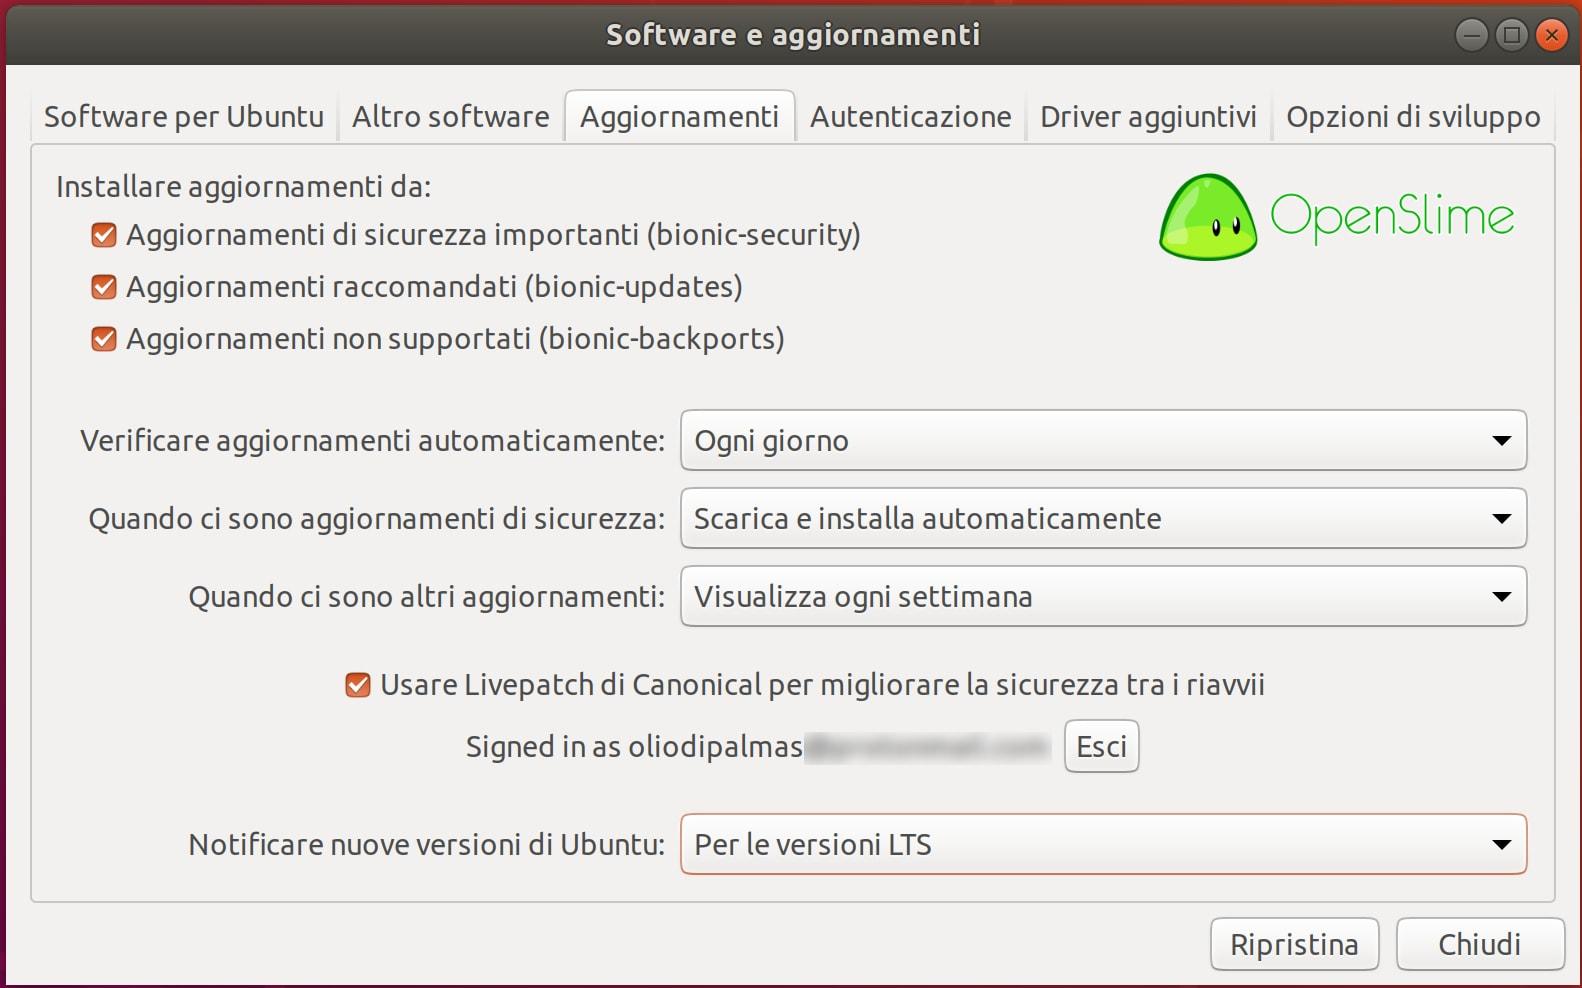 aggiornamenti-software-2 - Recensione Ubuntu 18.04.1 LTS Bionic Beaver